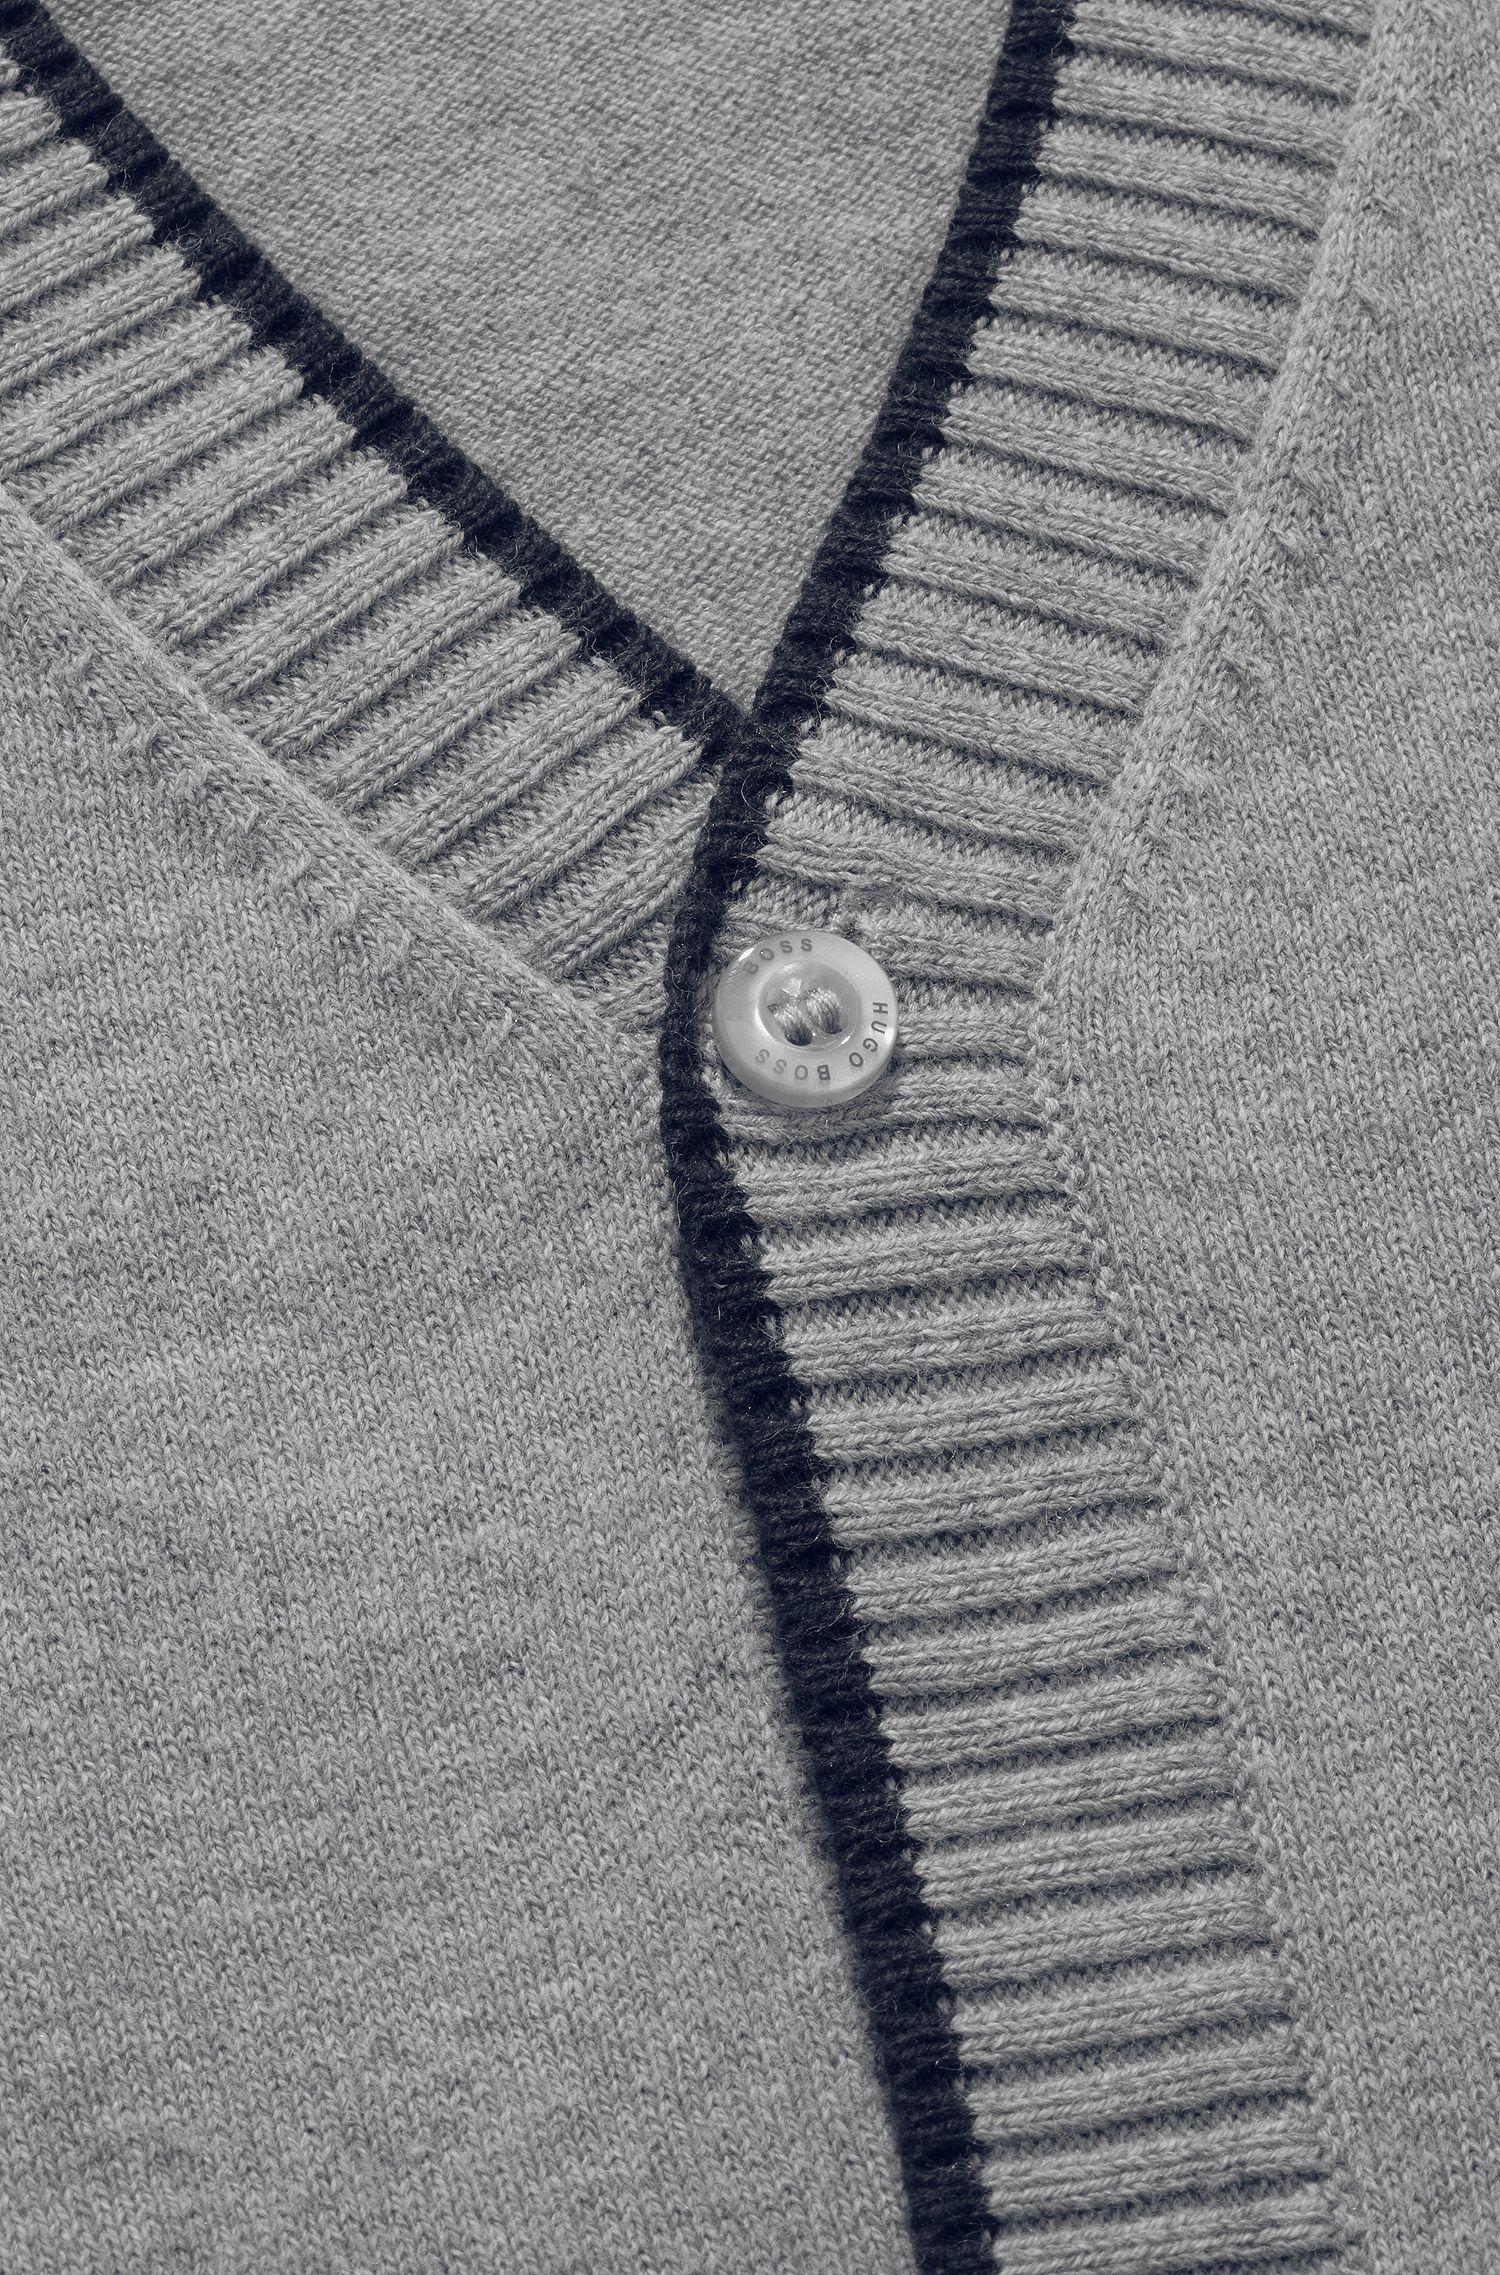 Cardigan pour enfant «J25551/A30» en coton mélangé